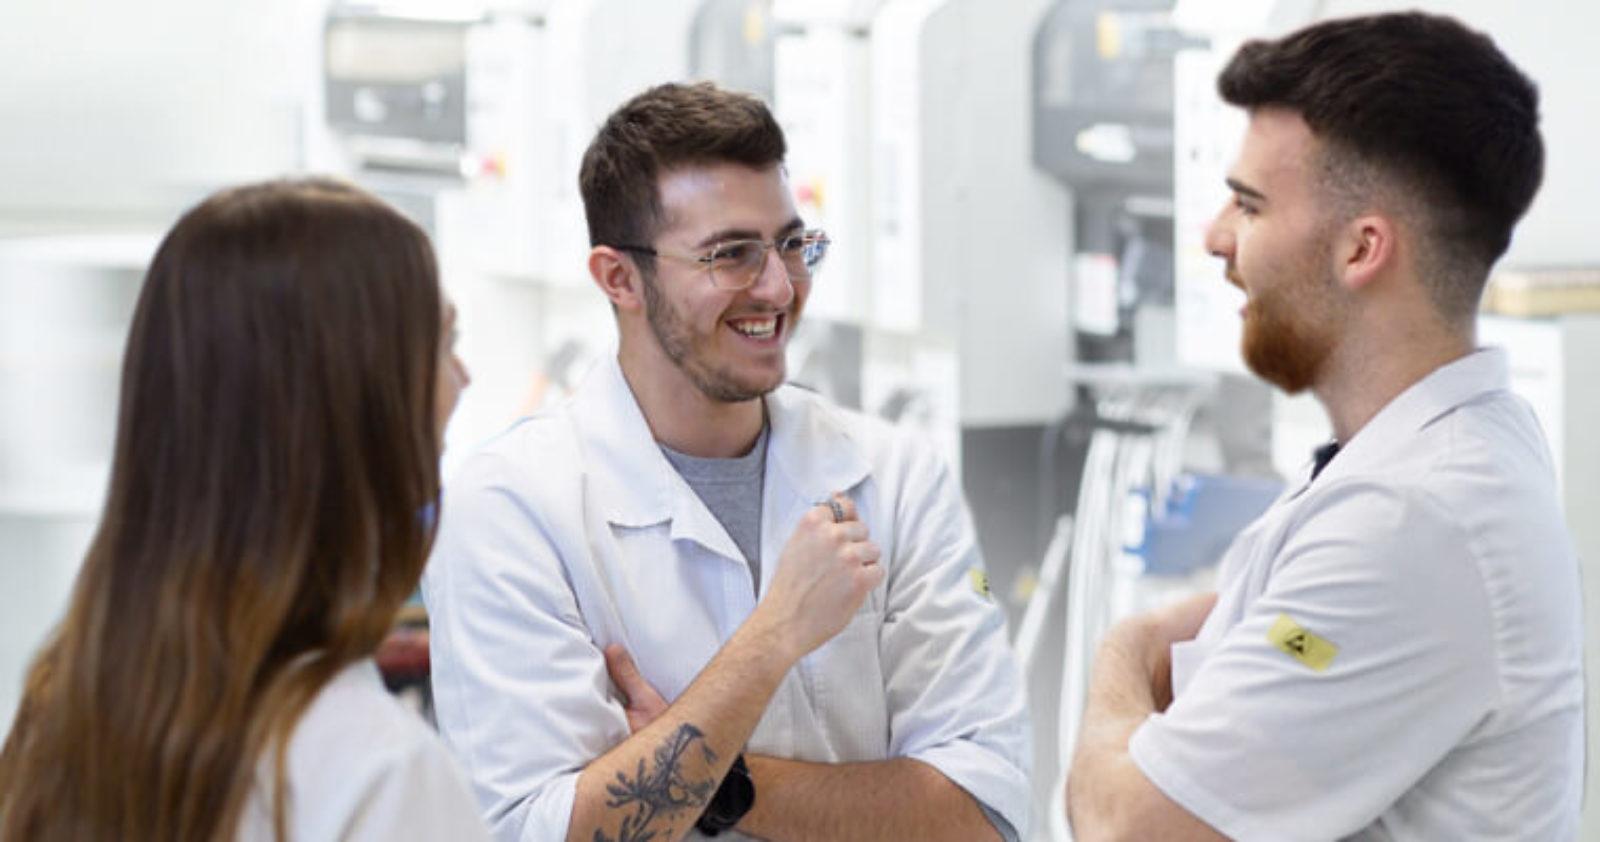 EMS-Dienstleister Technosert ist als Arbeitgeber a good place to work